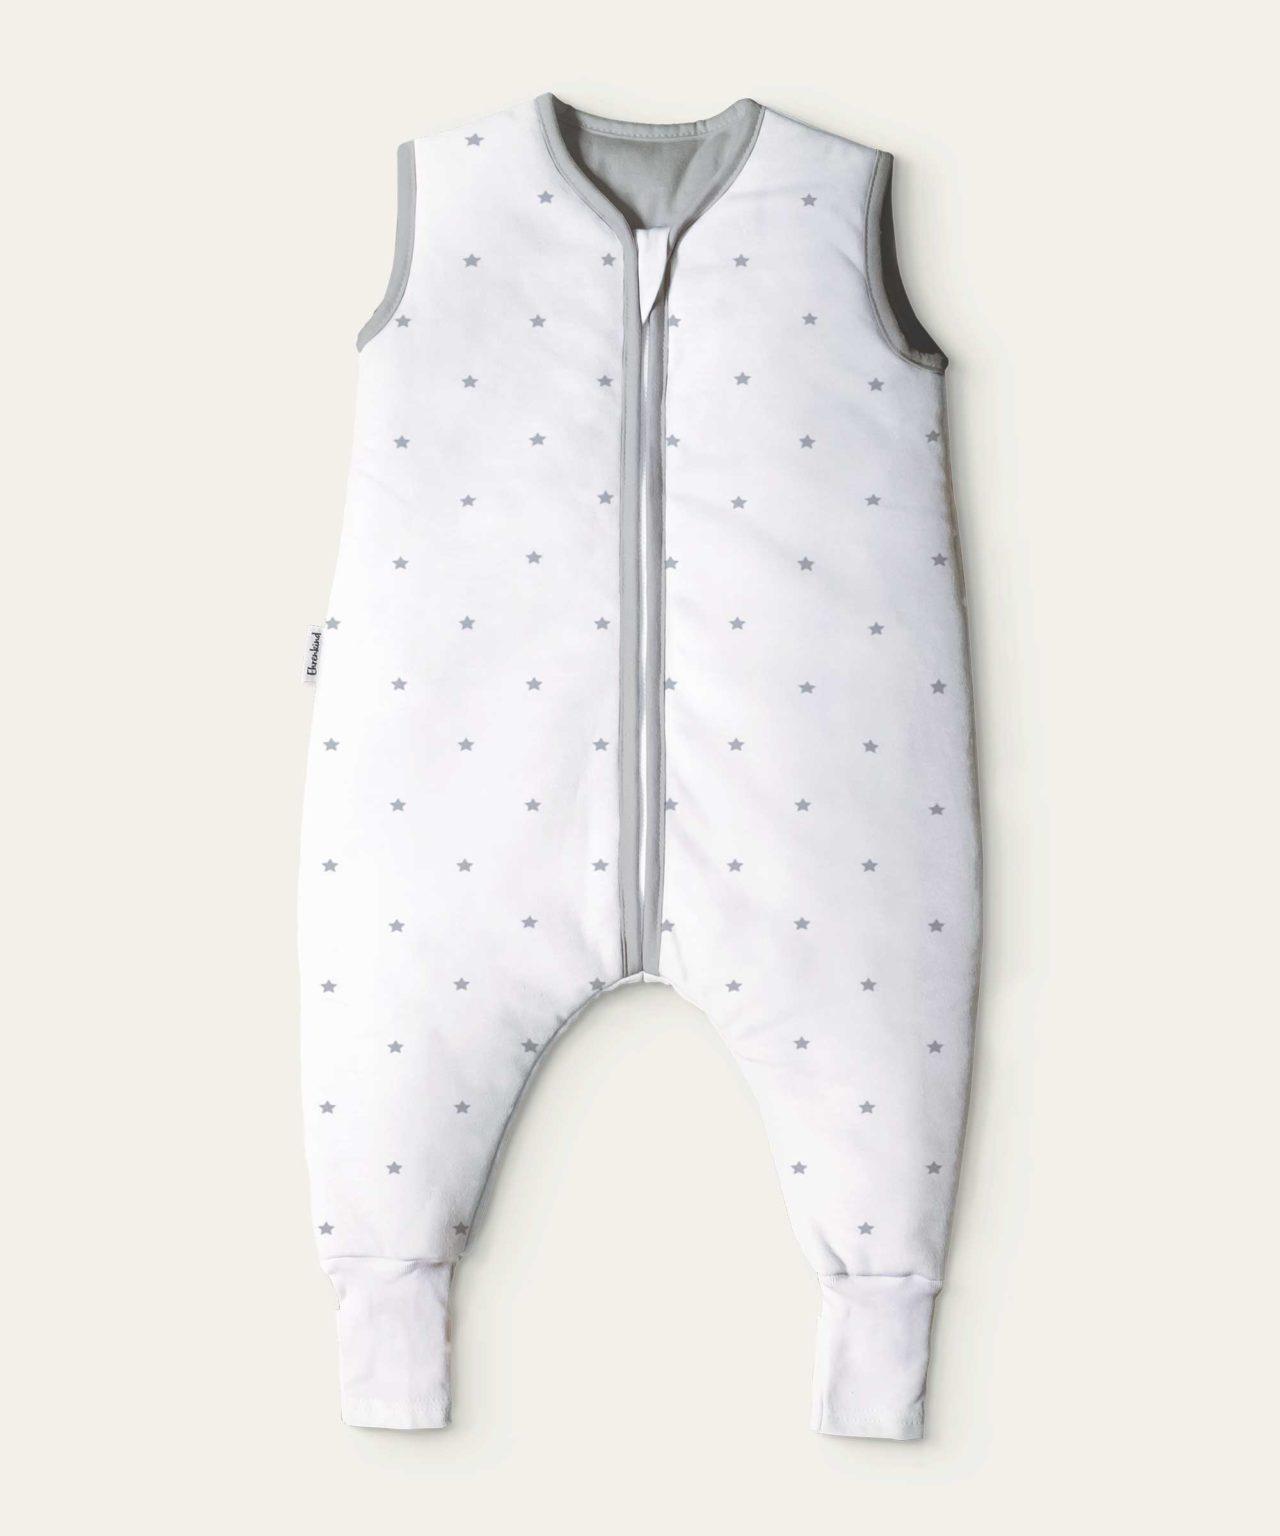 Ganzjahres Schlafsack Baby Gr Ehrenkind/® Babyschlafsack mit Beinen Bio-Baumwolle 70 Farbe Grau mit wei/ßen Punkten